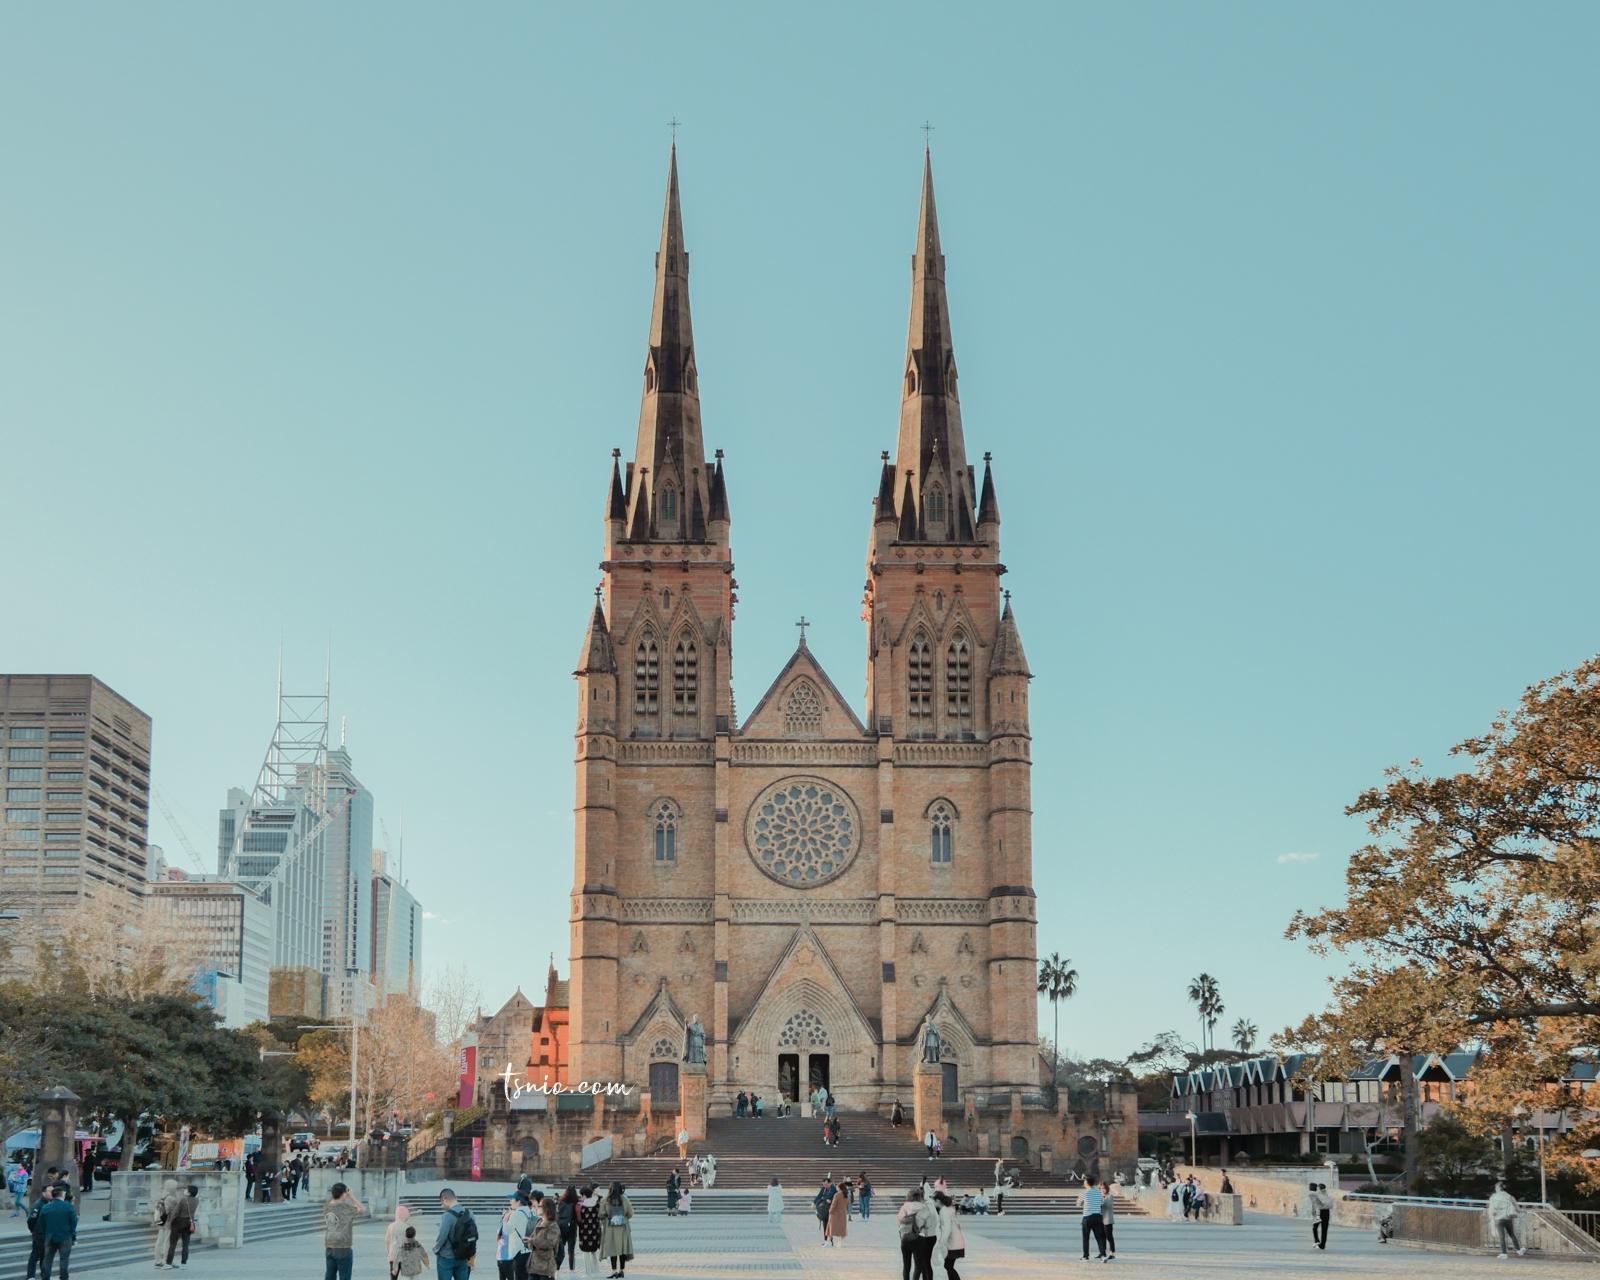 澳洲雪梨景點總整理 初訪雪梨推薦 蔡小妞雪梨景點地圖